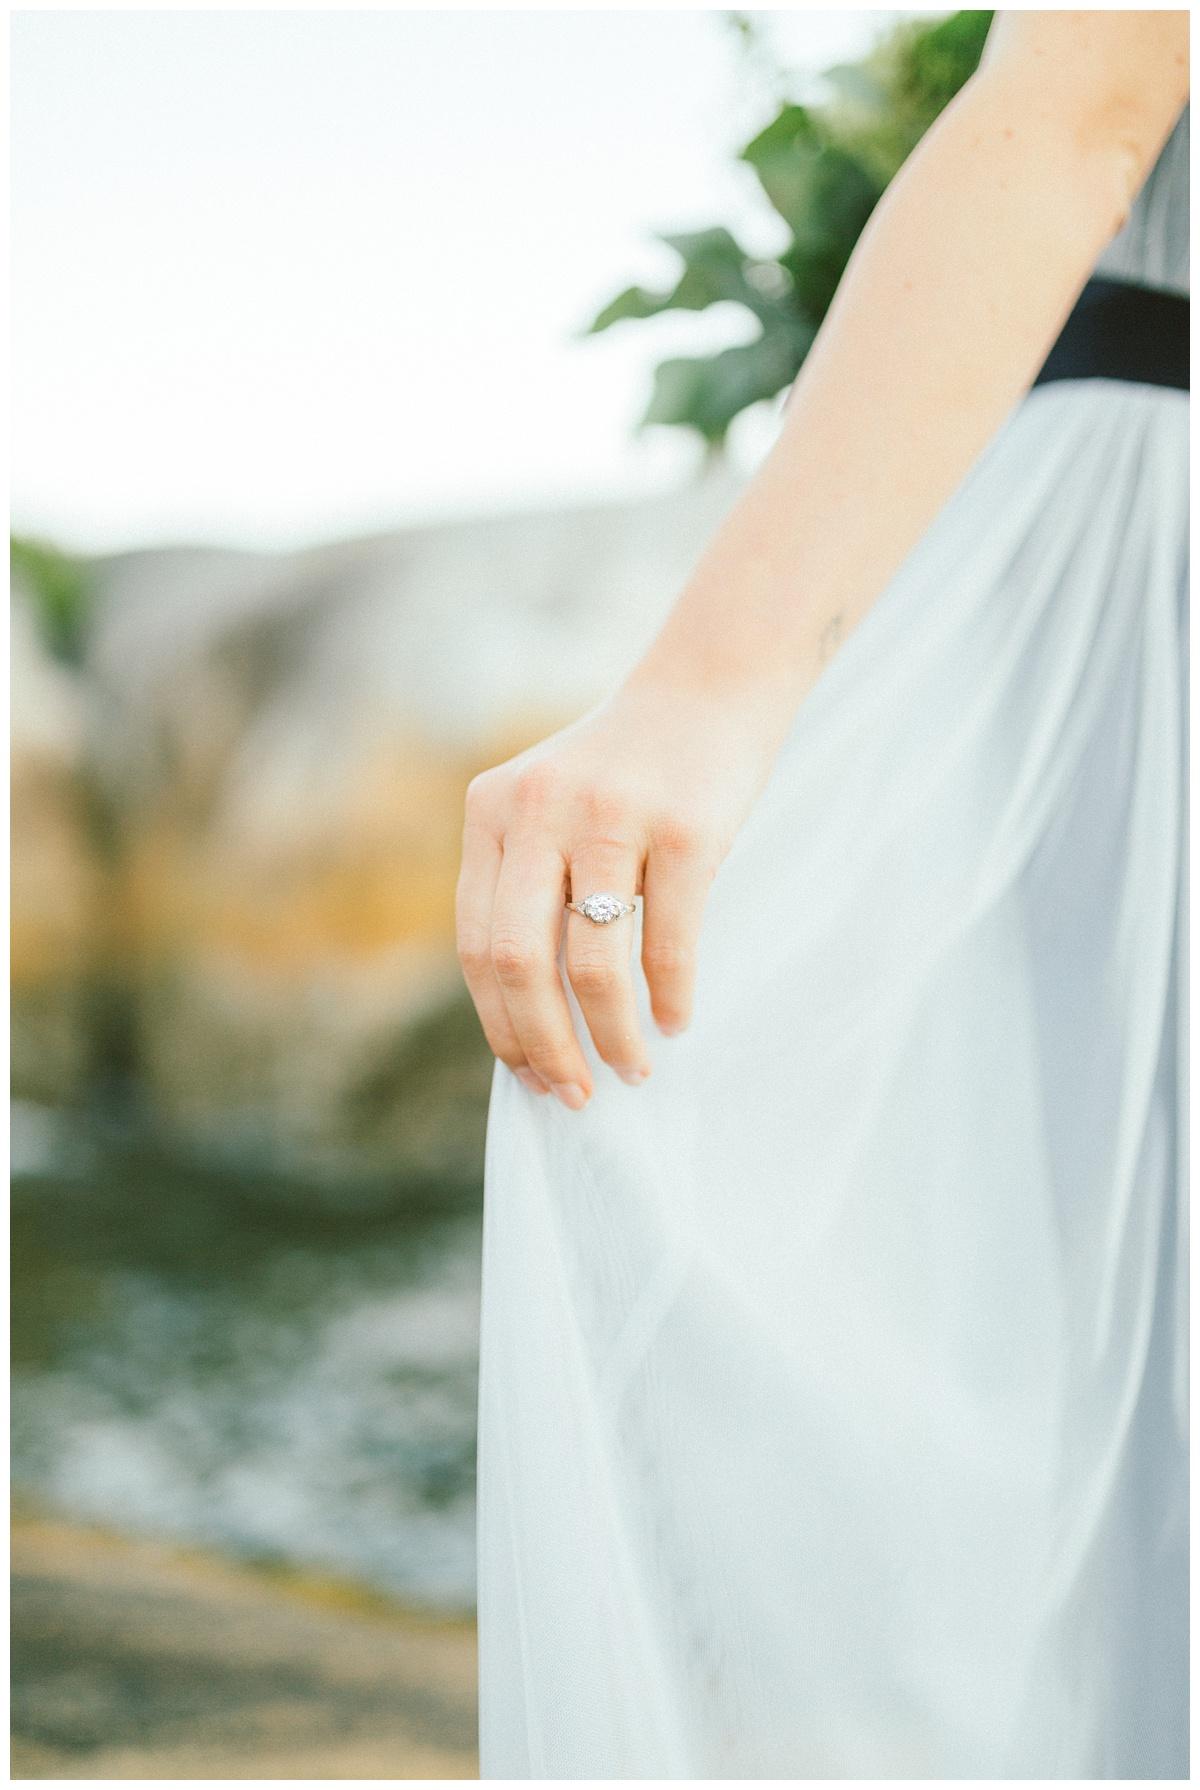 Hong Kong Fine Art Wedding Prewedding Photographer Mattie C. 00037.jpg